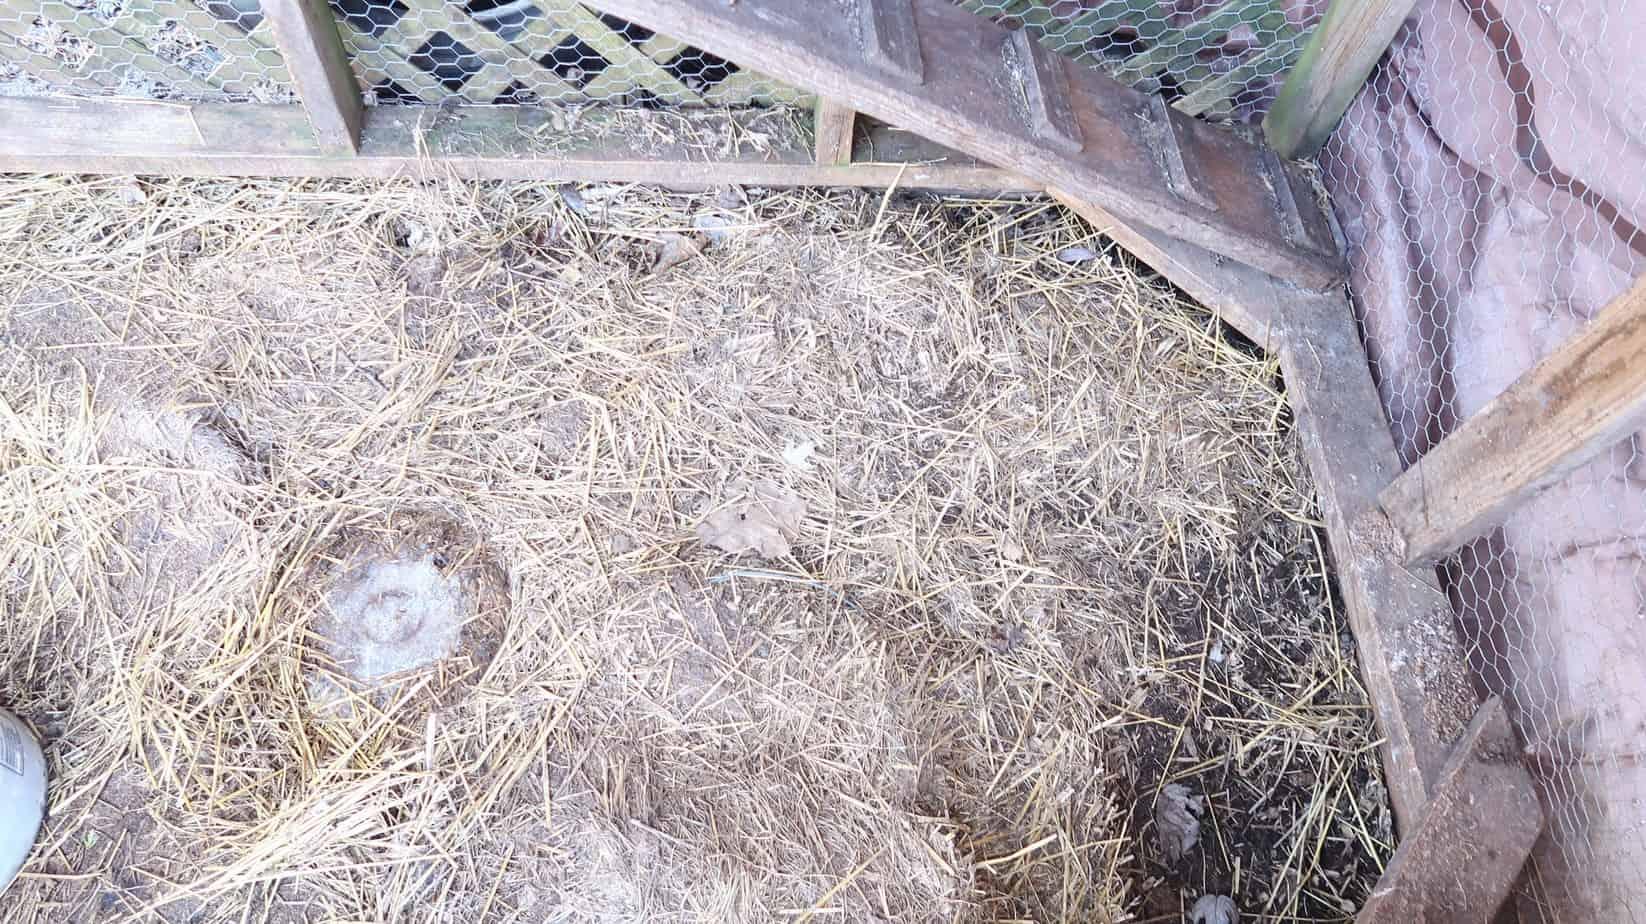 prparing chicken coop ground gravel